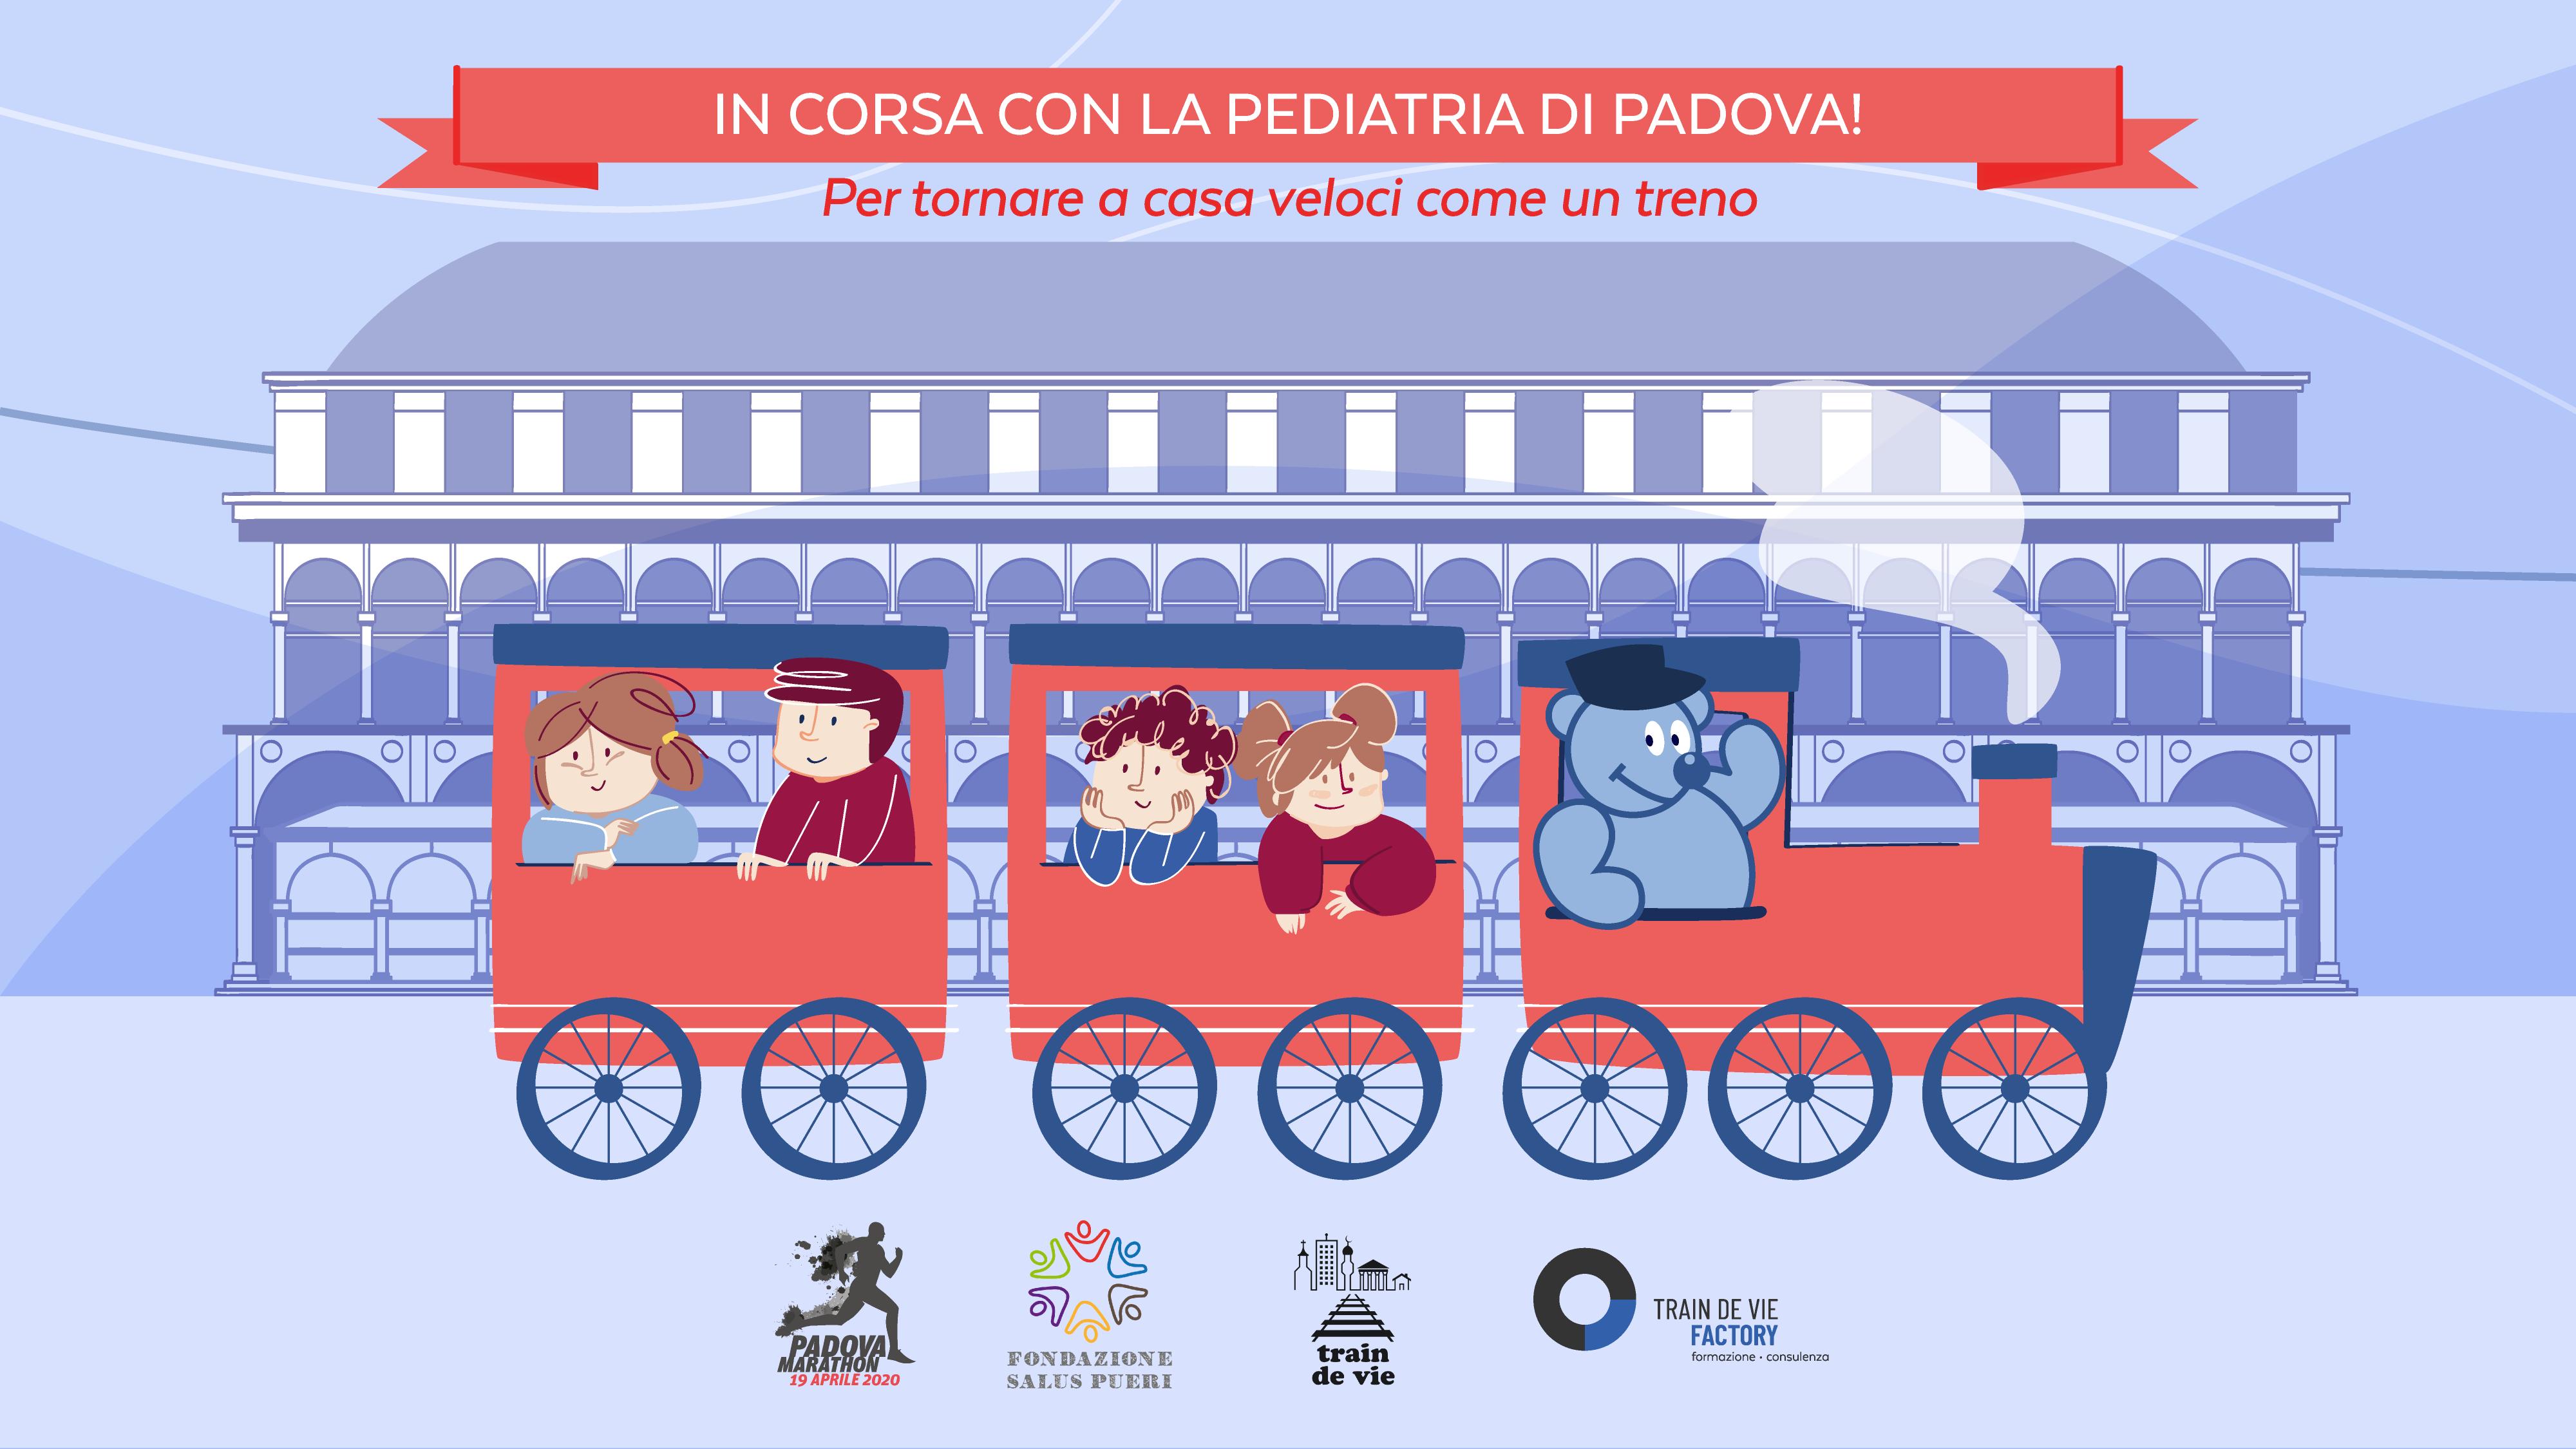 In corsa con la Pediatria di Padova!